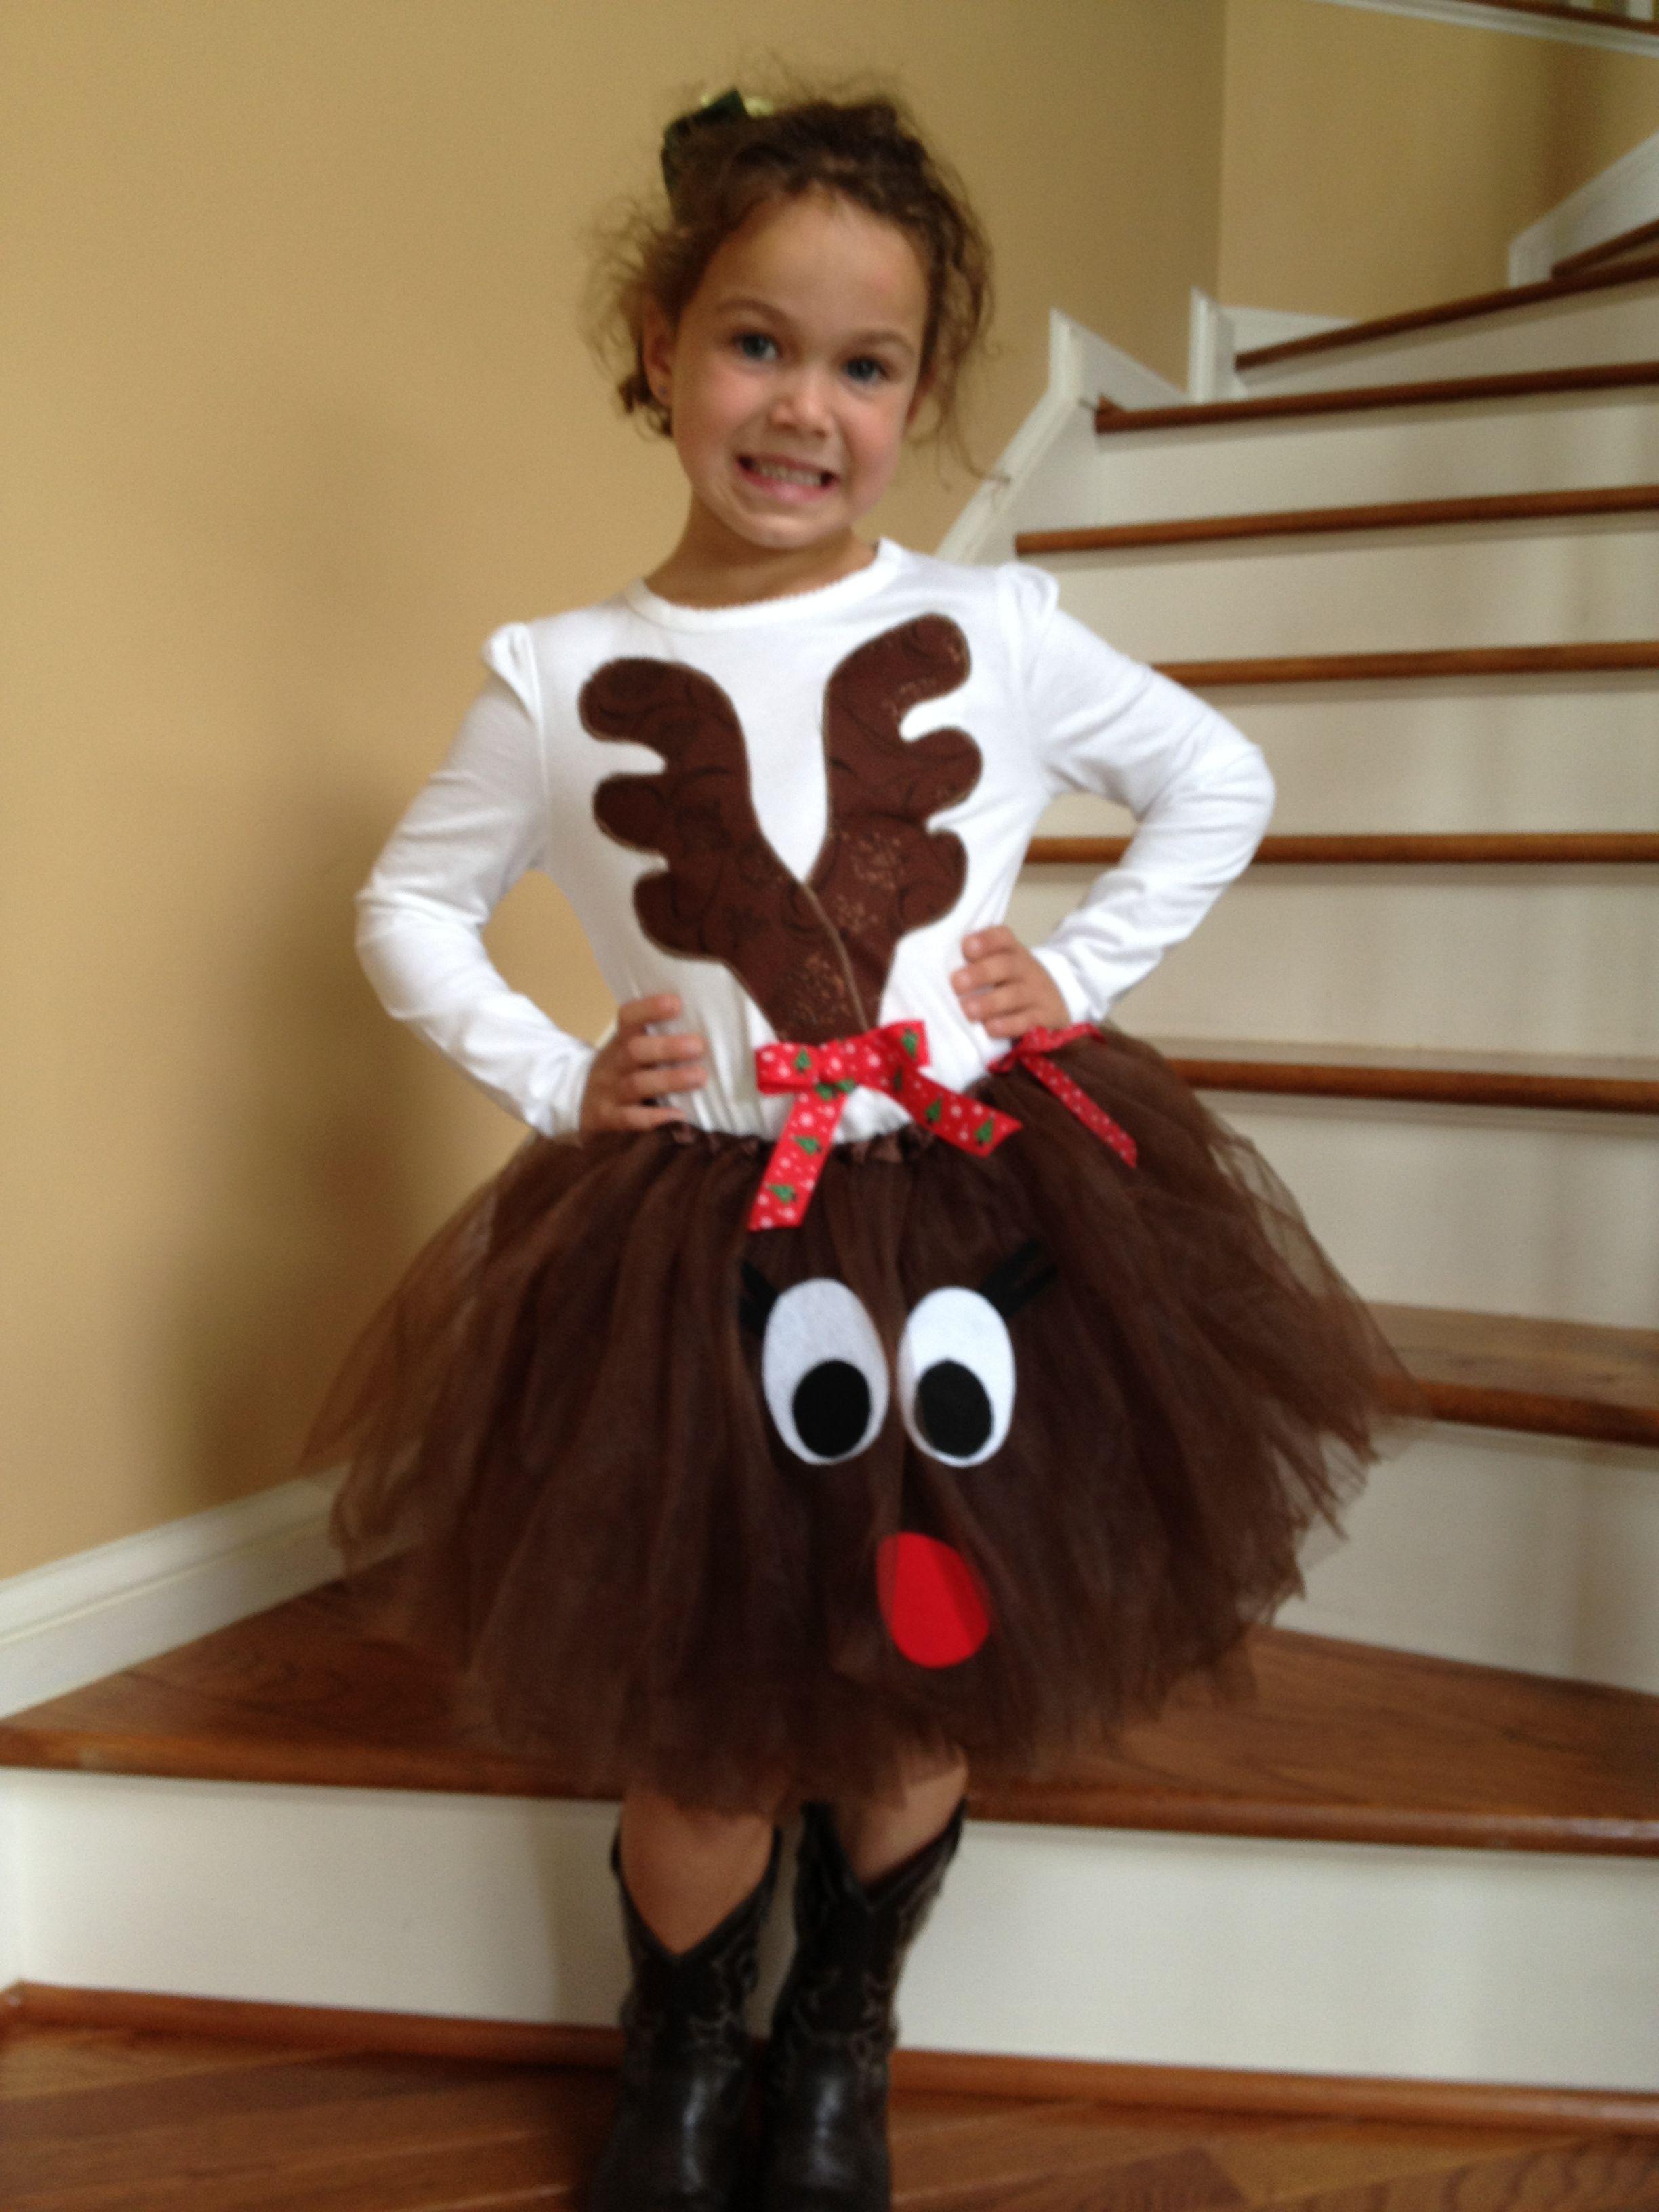 Disfraz de reno ni a drisfraz navidad disfraz ni o - Disfraces infantiles navidad ...